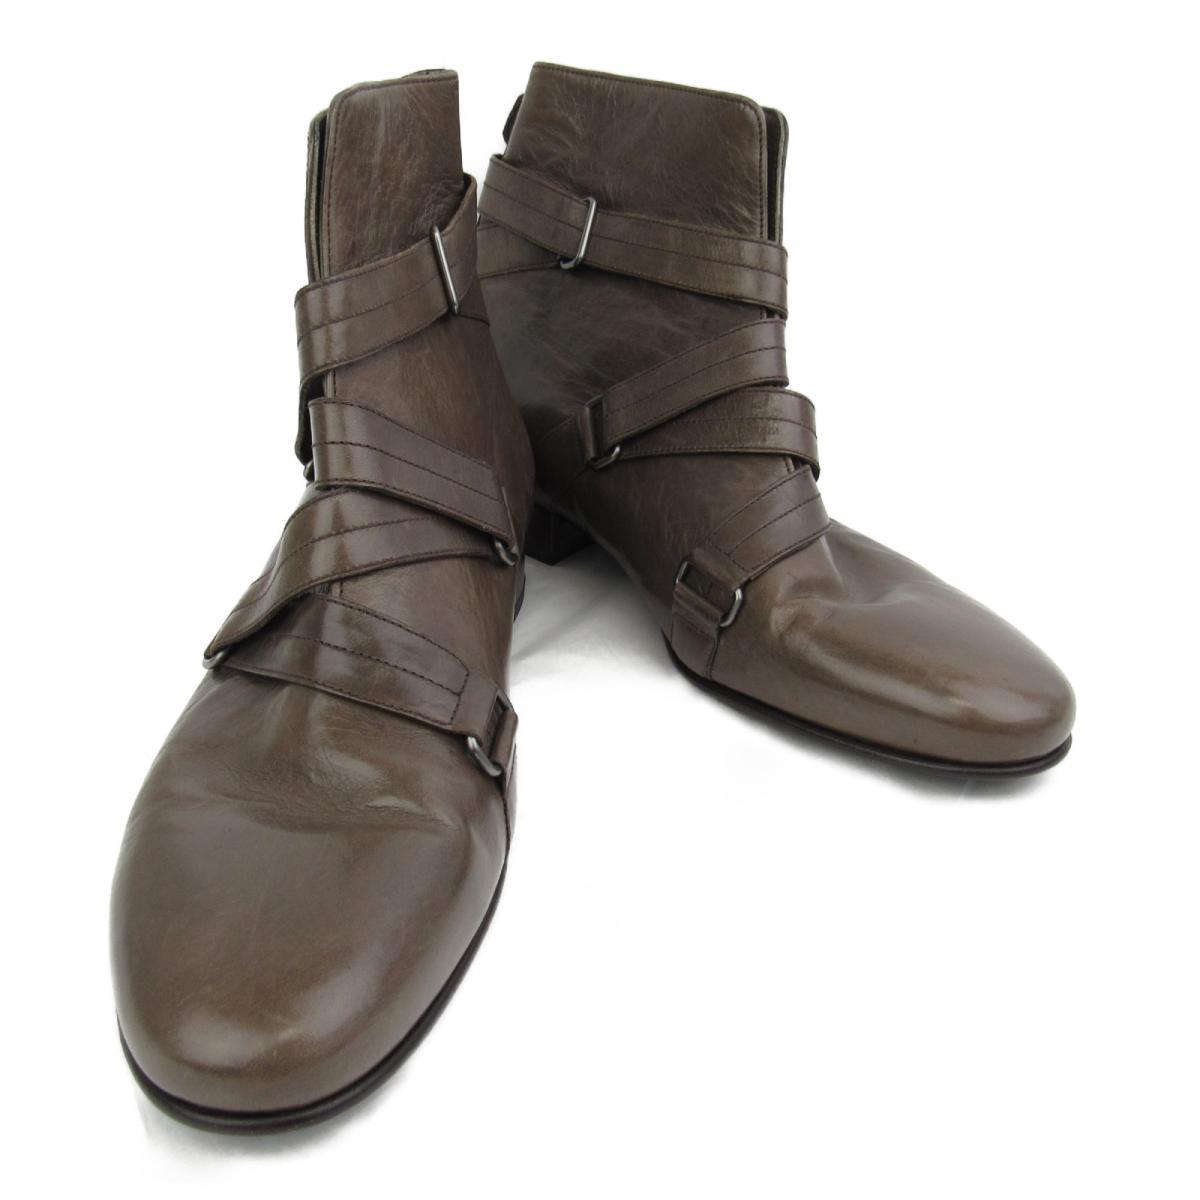 【中古】 ルイヴィトン ショートブーツ レディース レザー ブラウン   LOUIS VUITTON ヴィトン ビトン ルイ・ヴィトン くつ 靴 ショートブーツ ブランドオフ